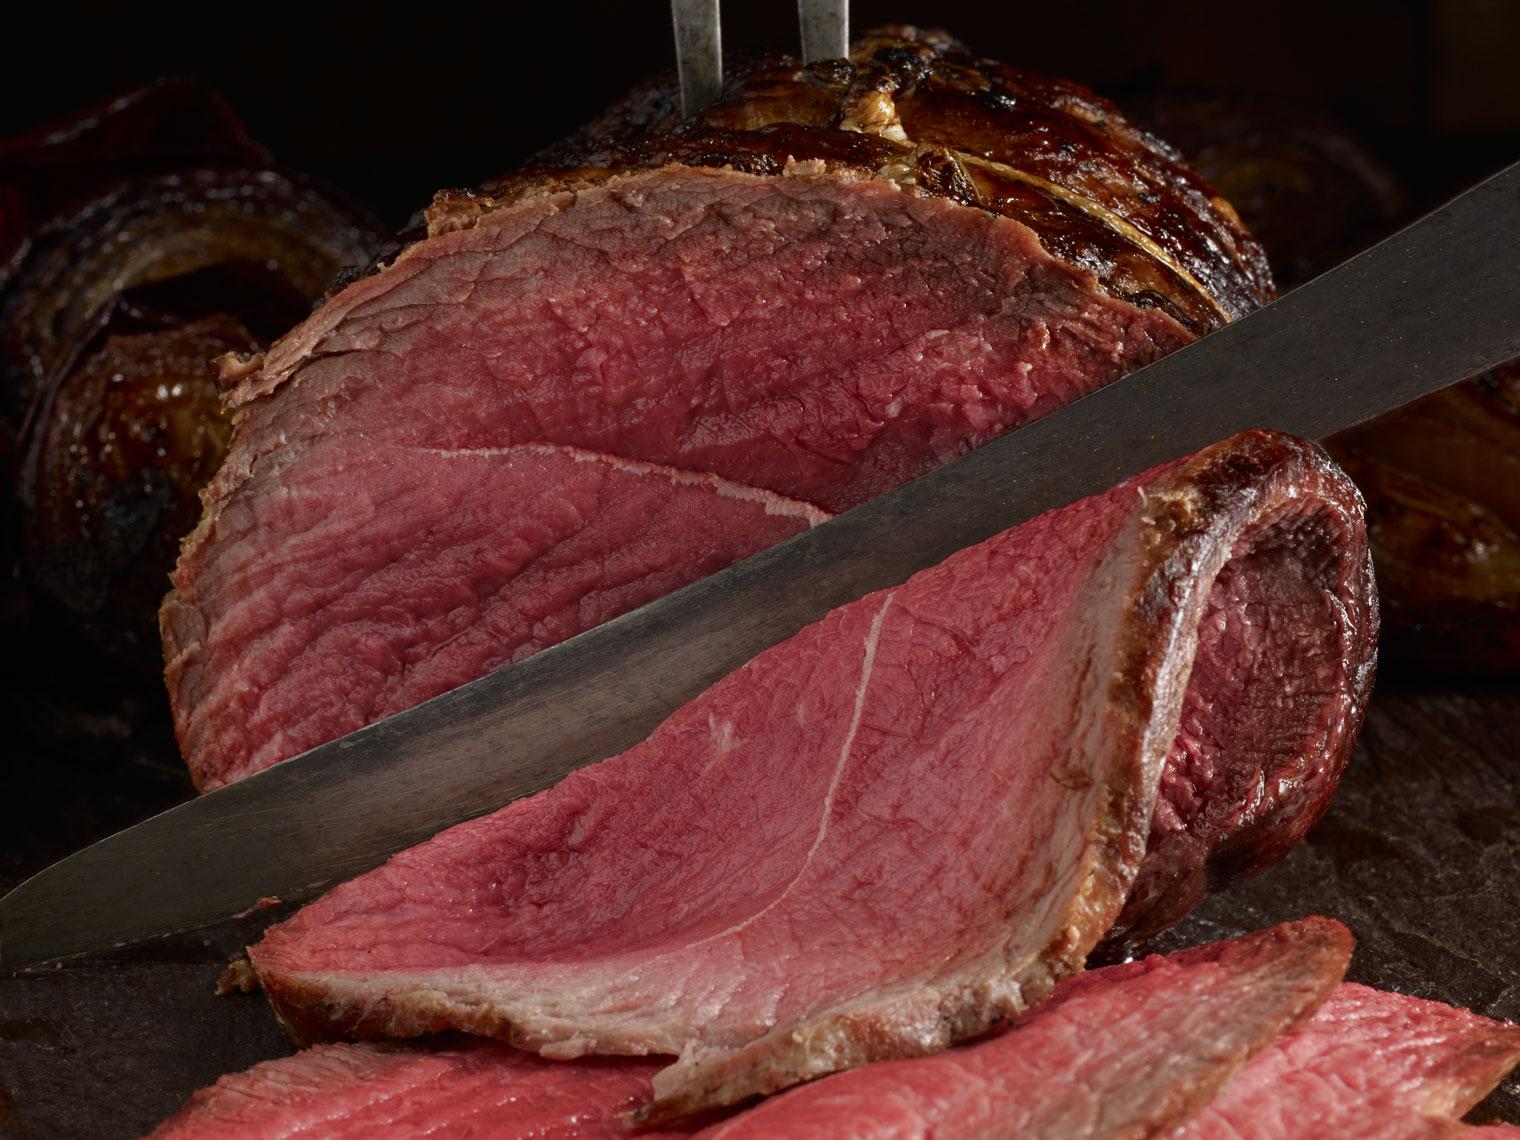 Slicing rare roast beef